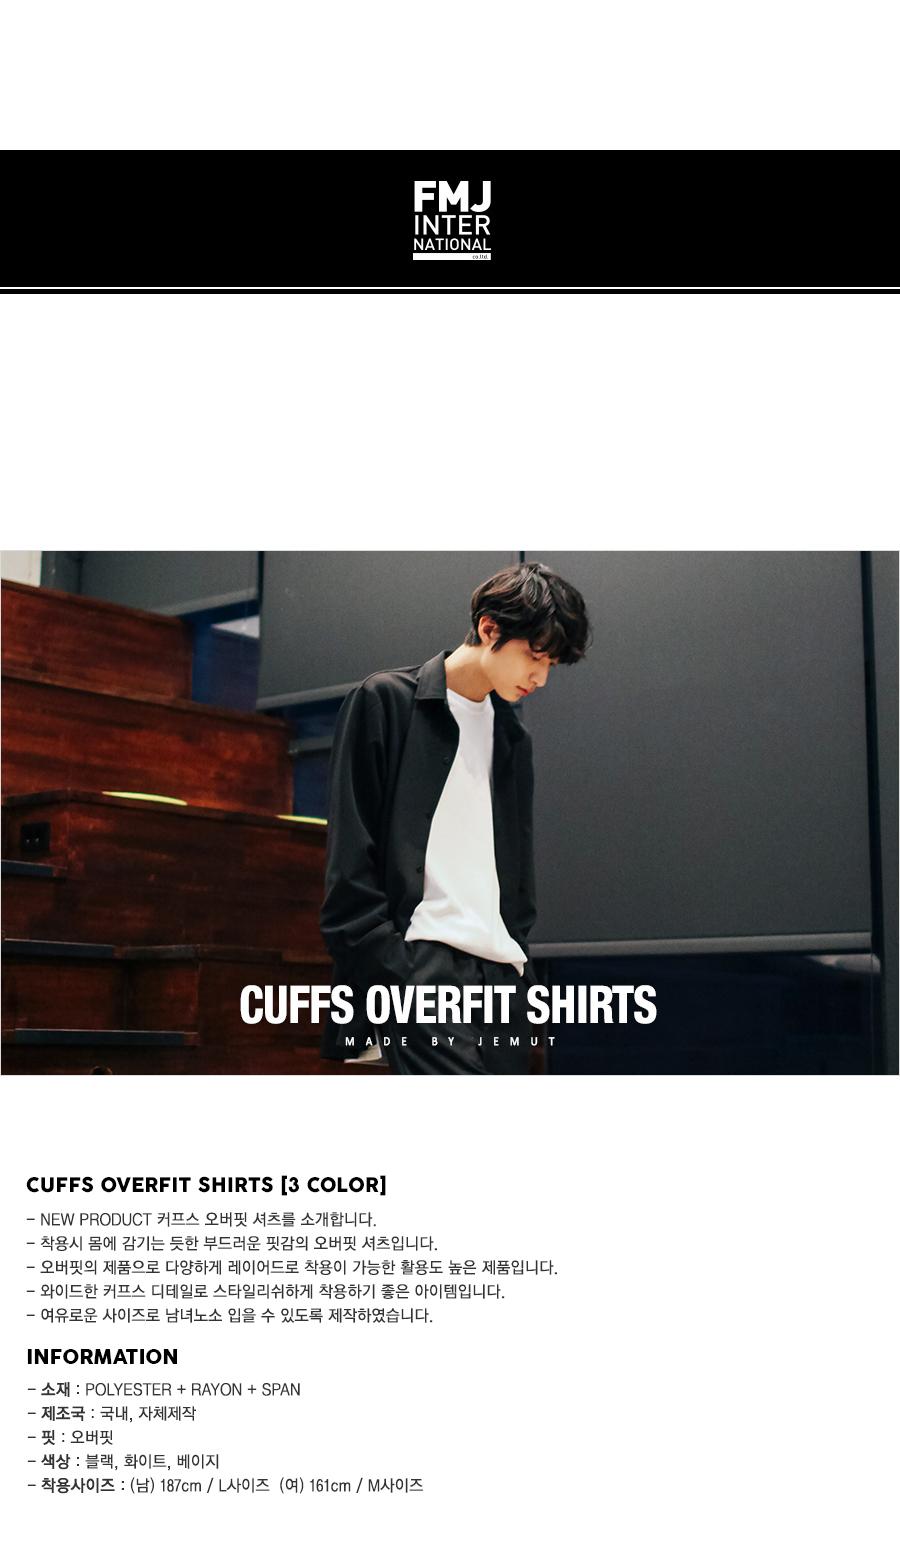 [제멋] 커프스 오버핏 셔츠 블랙 HJLS2102